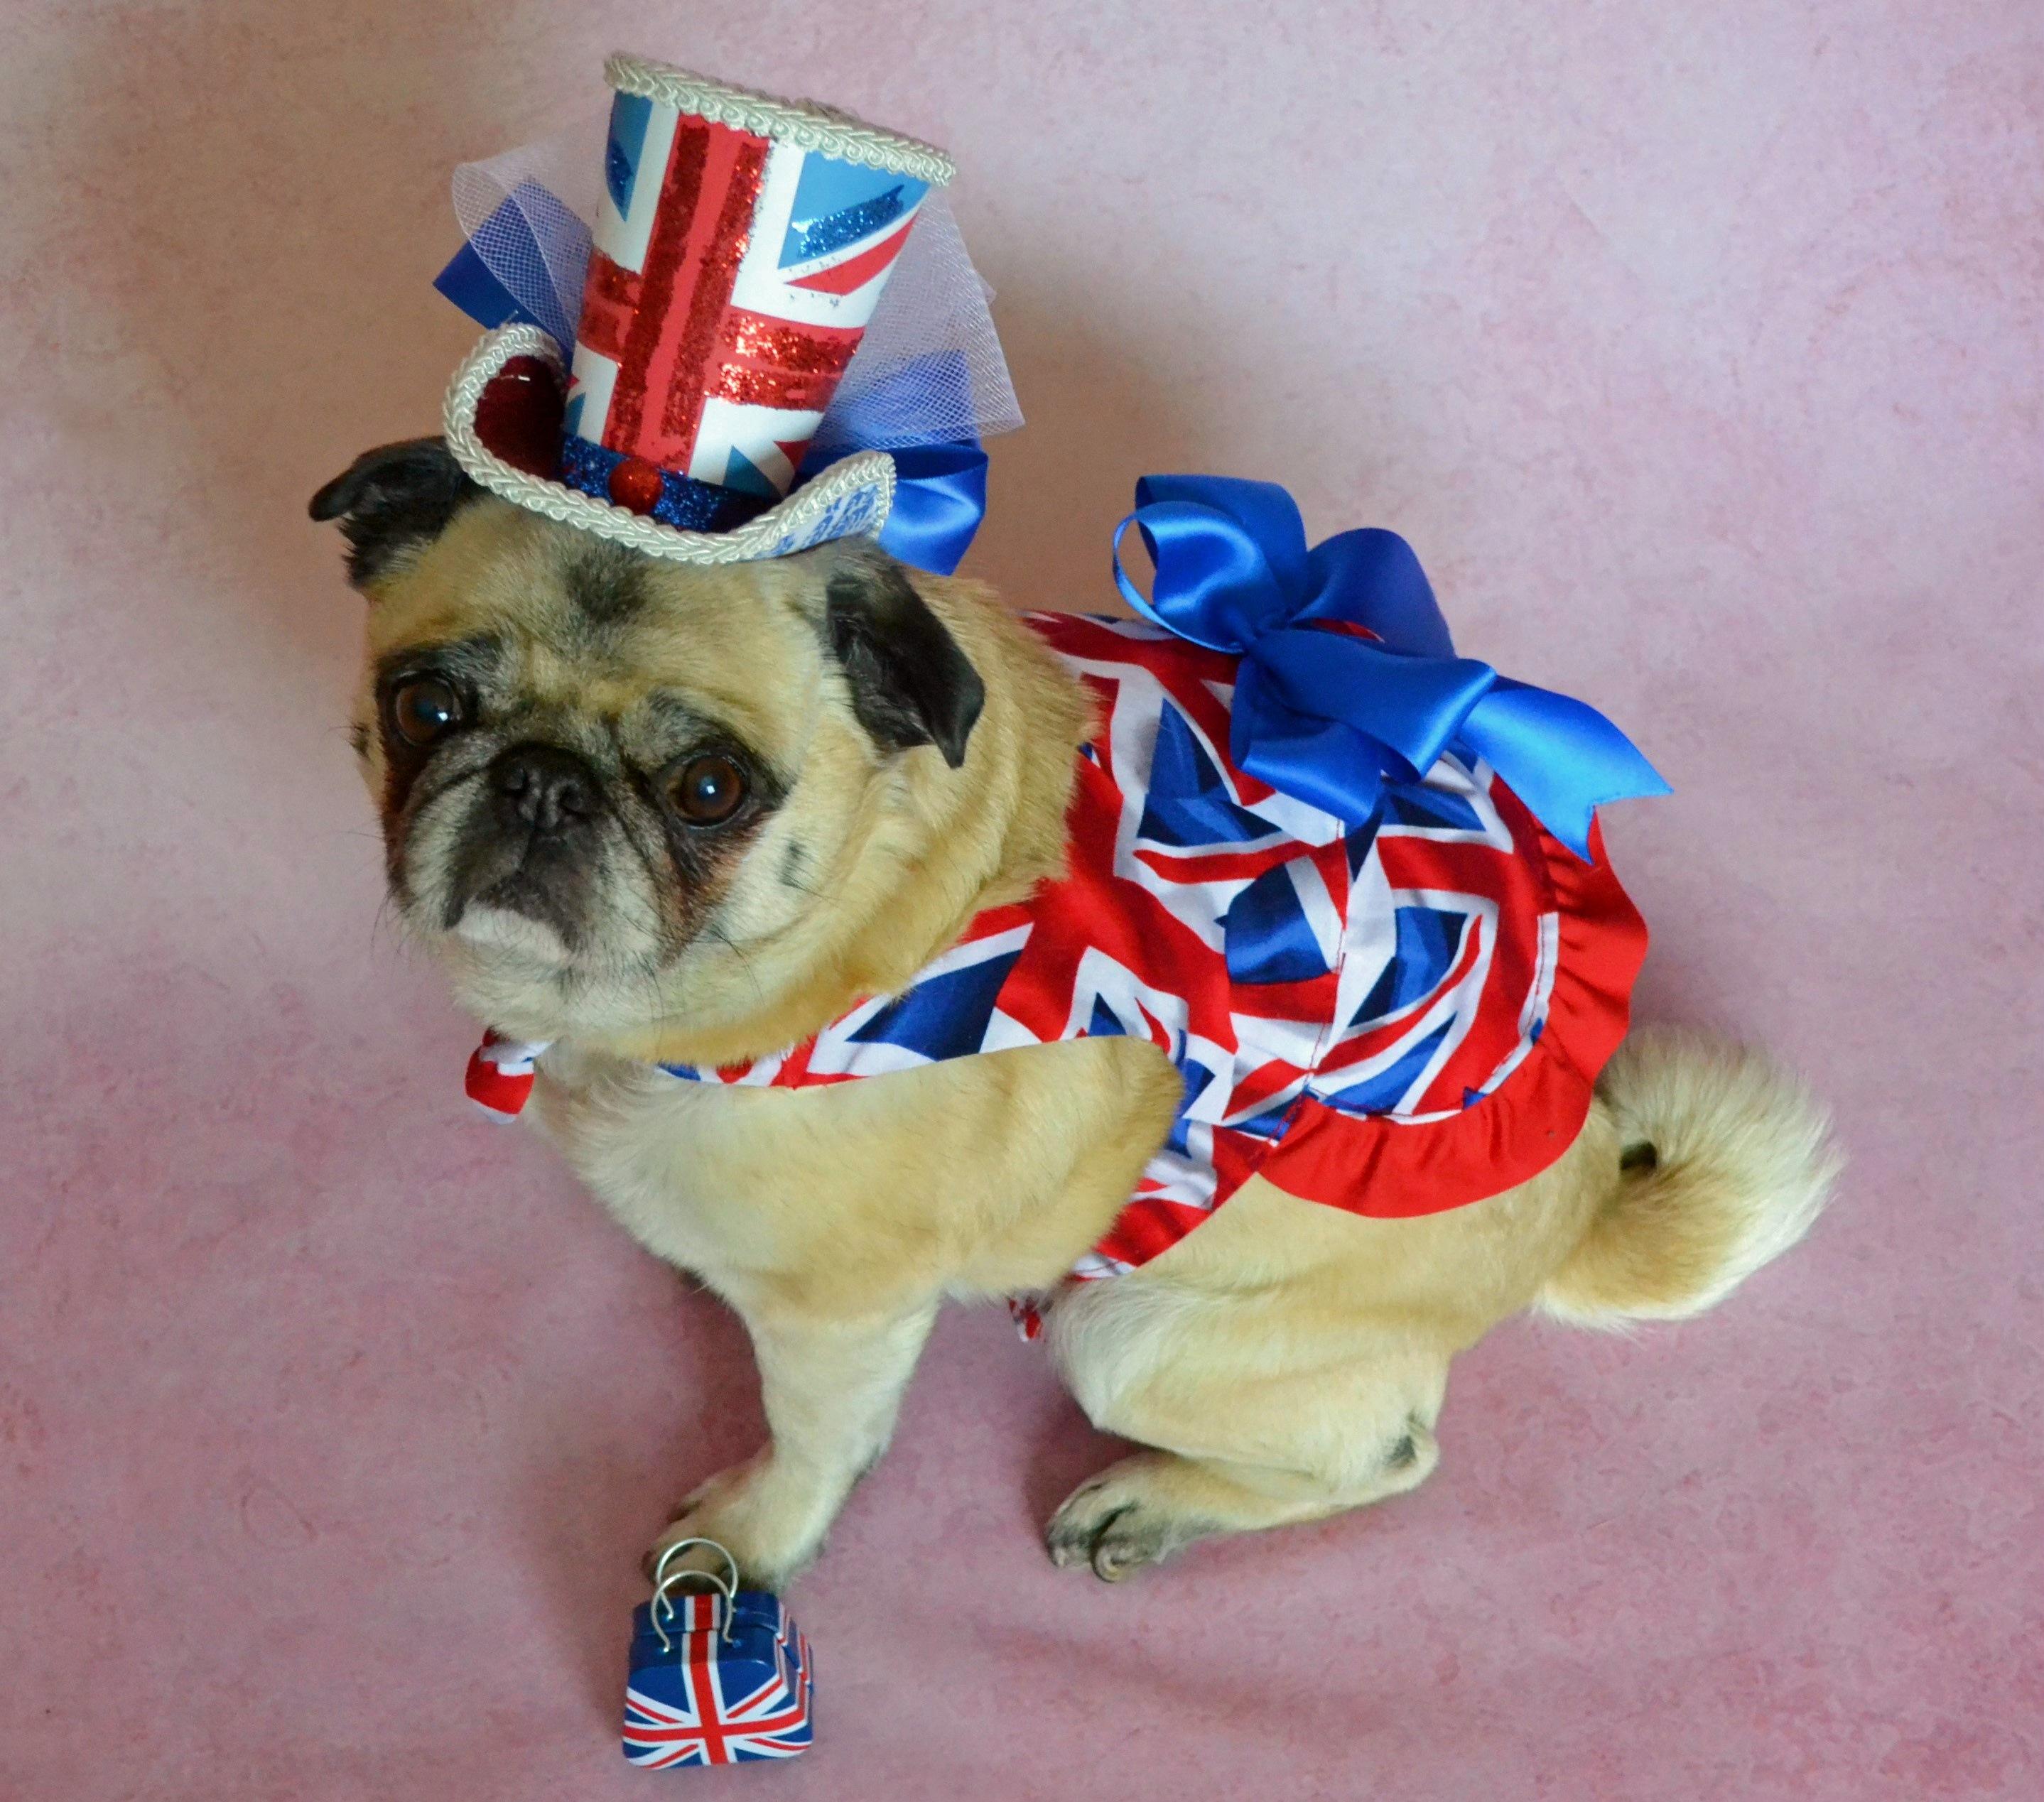 デスクトップ壁紙 帽子 イングランド 旗 イギリス人 ペット